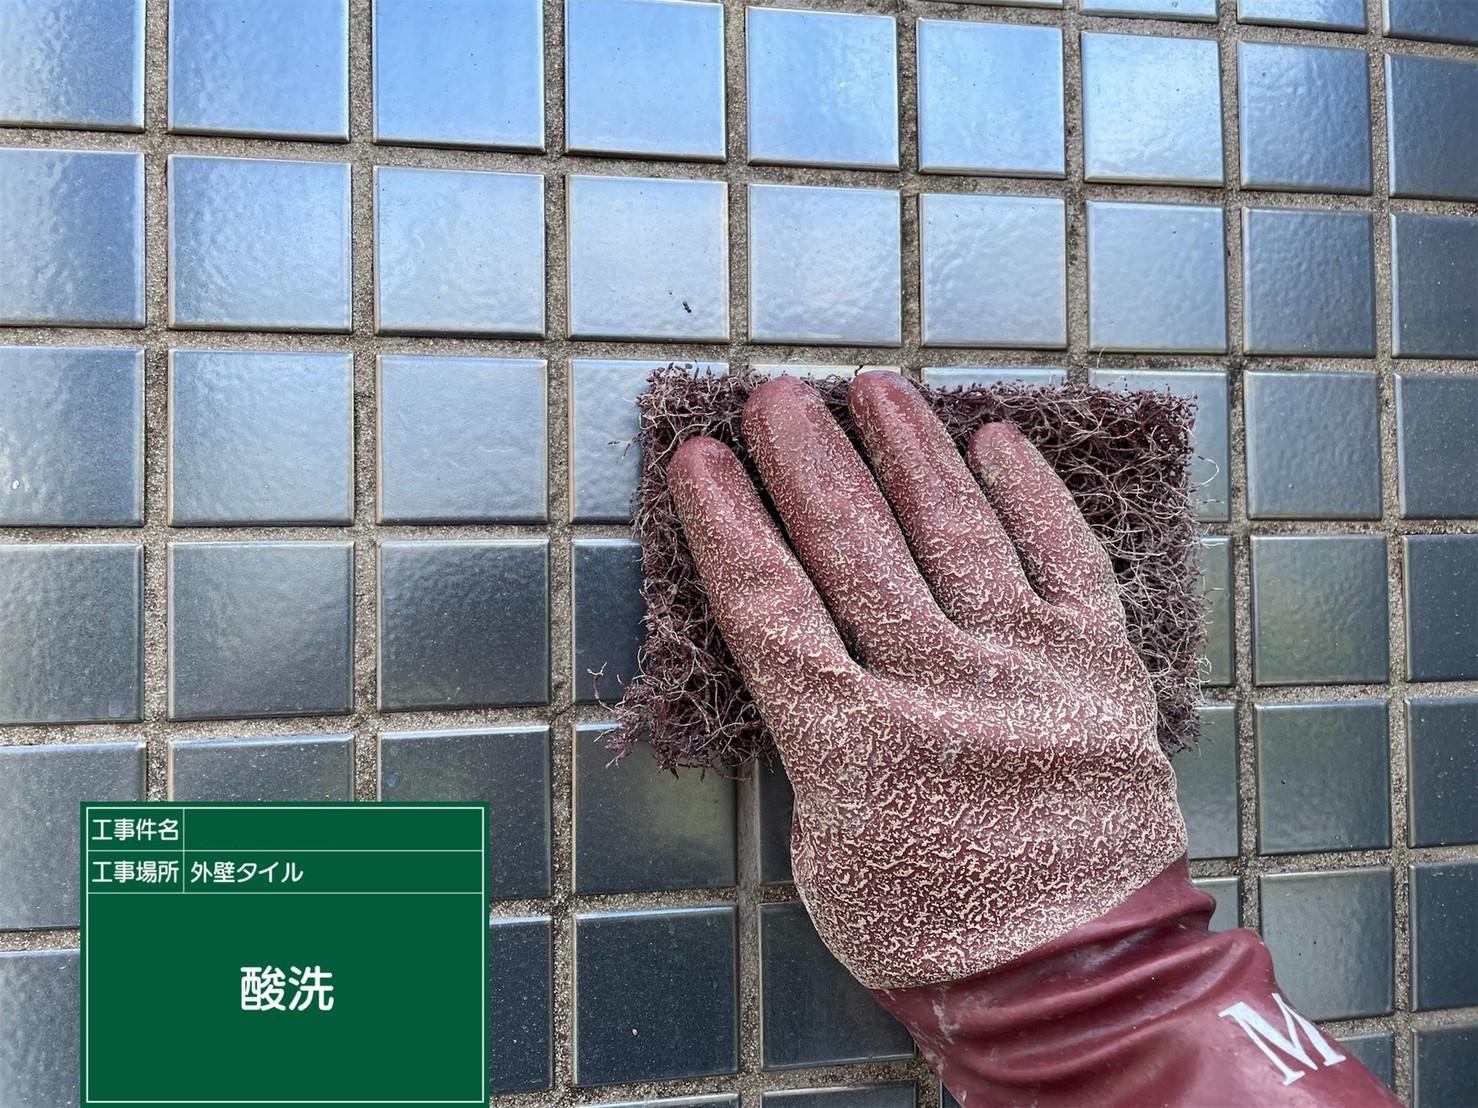 【外壁】①酸洗い